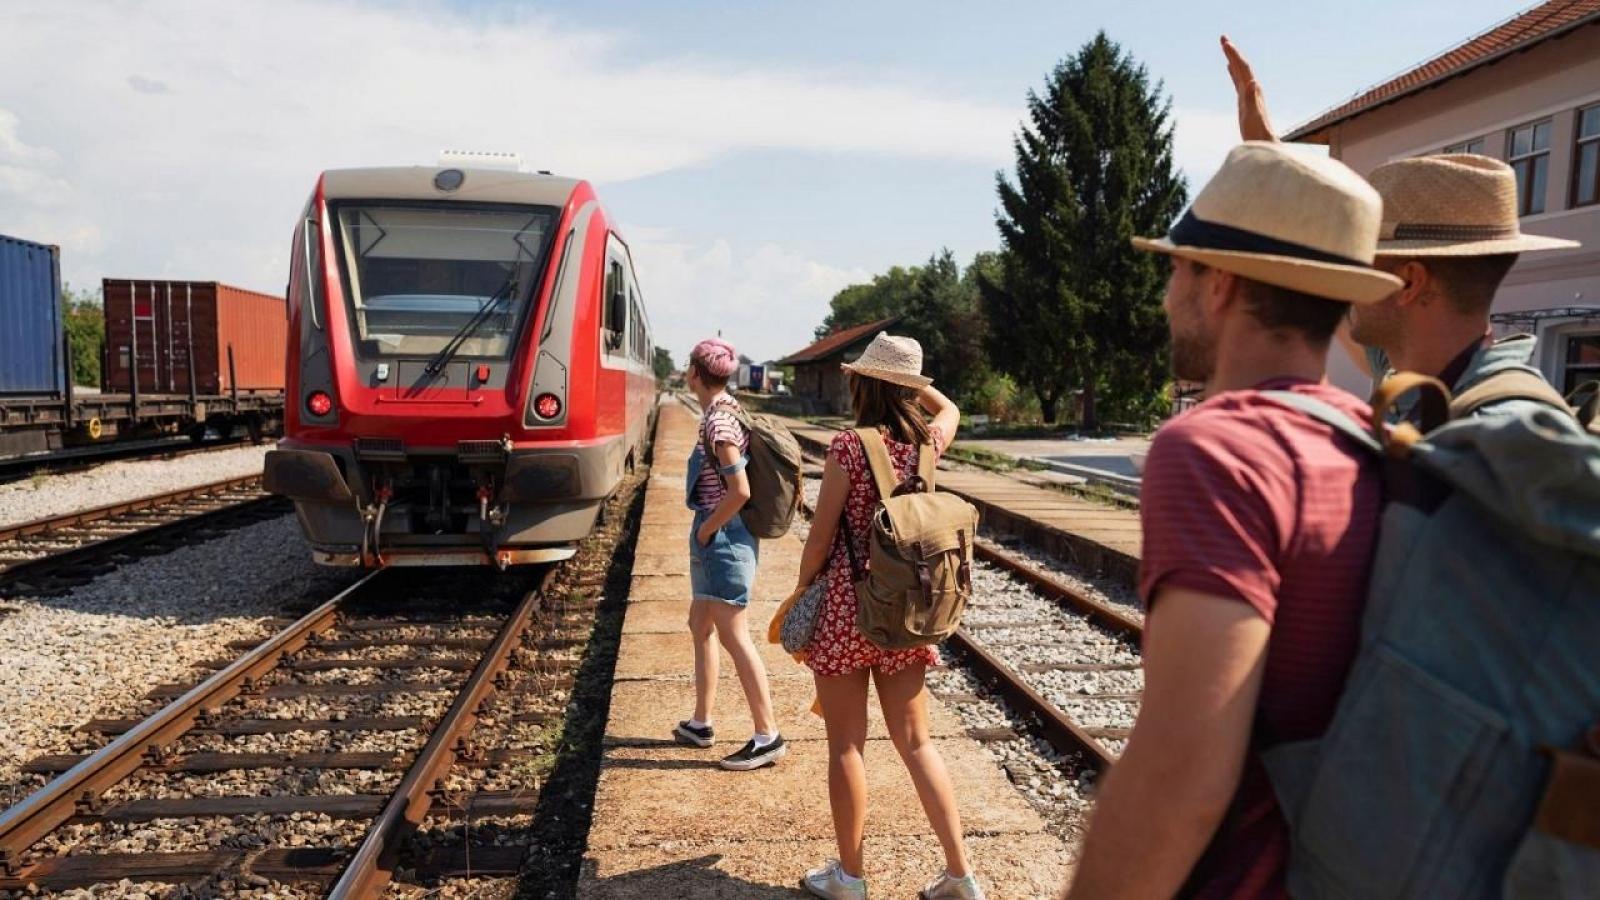 Những điểm đến hoàn hảo cho chuyến du lịch châu Âu bằng tàu hỏa